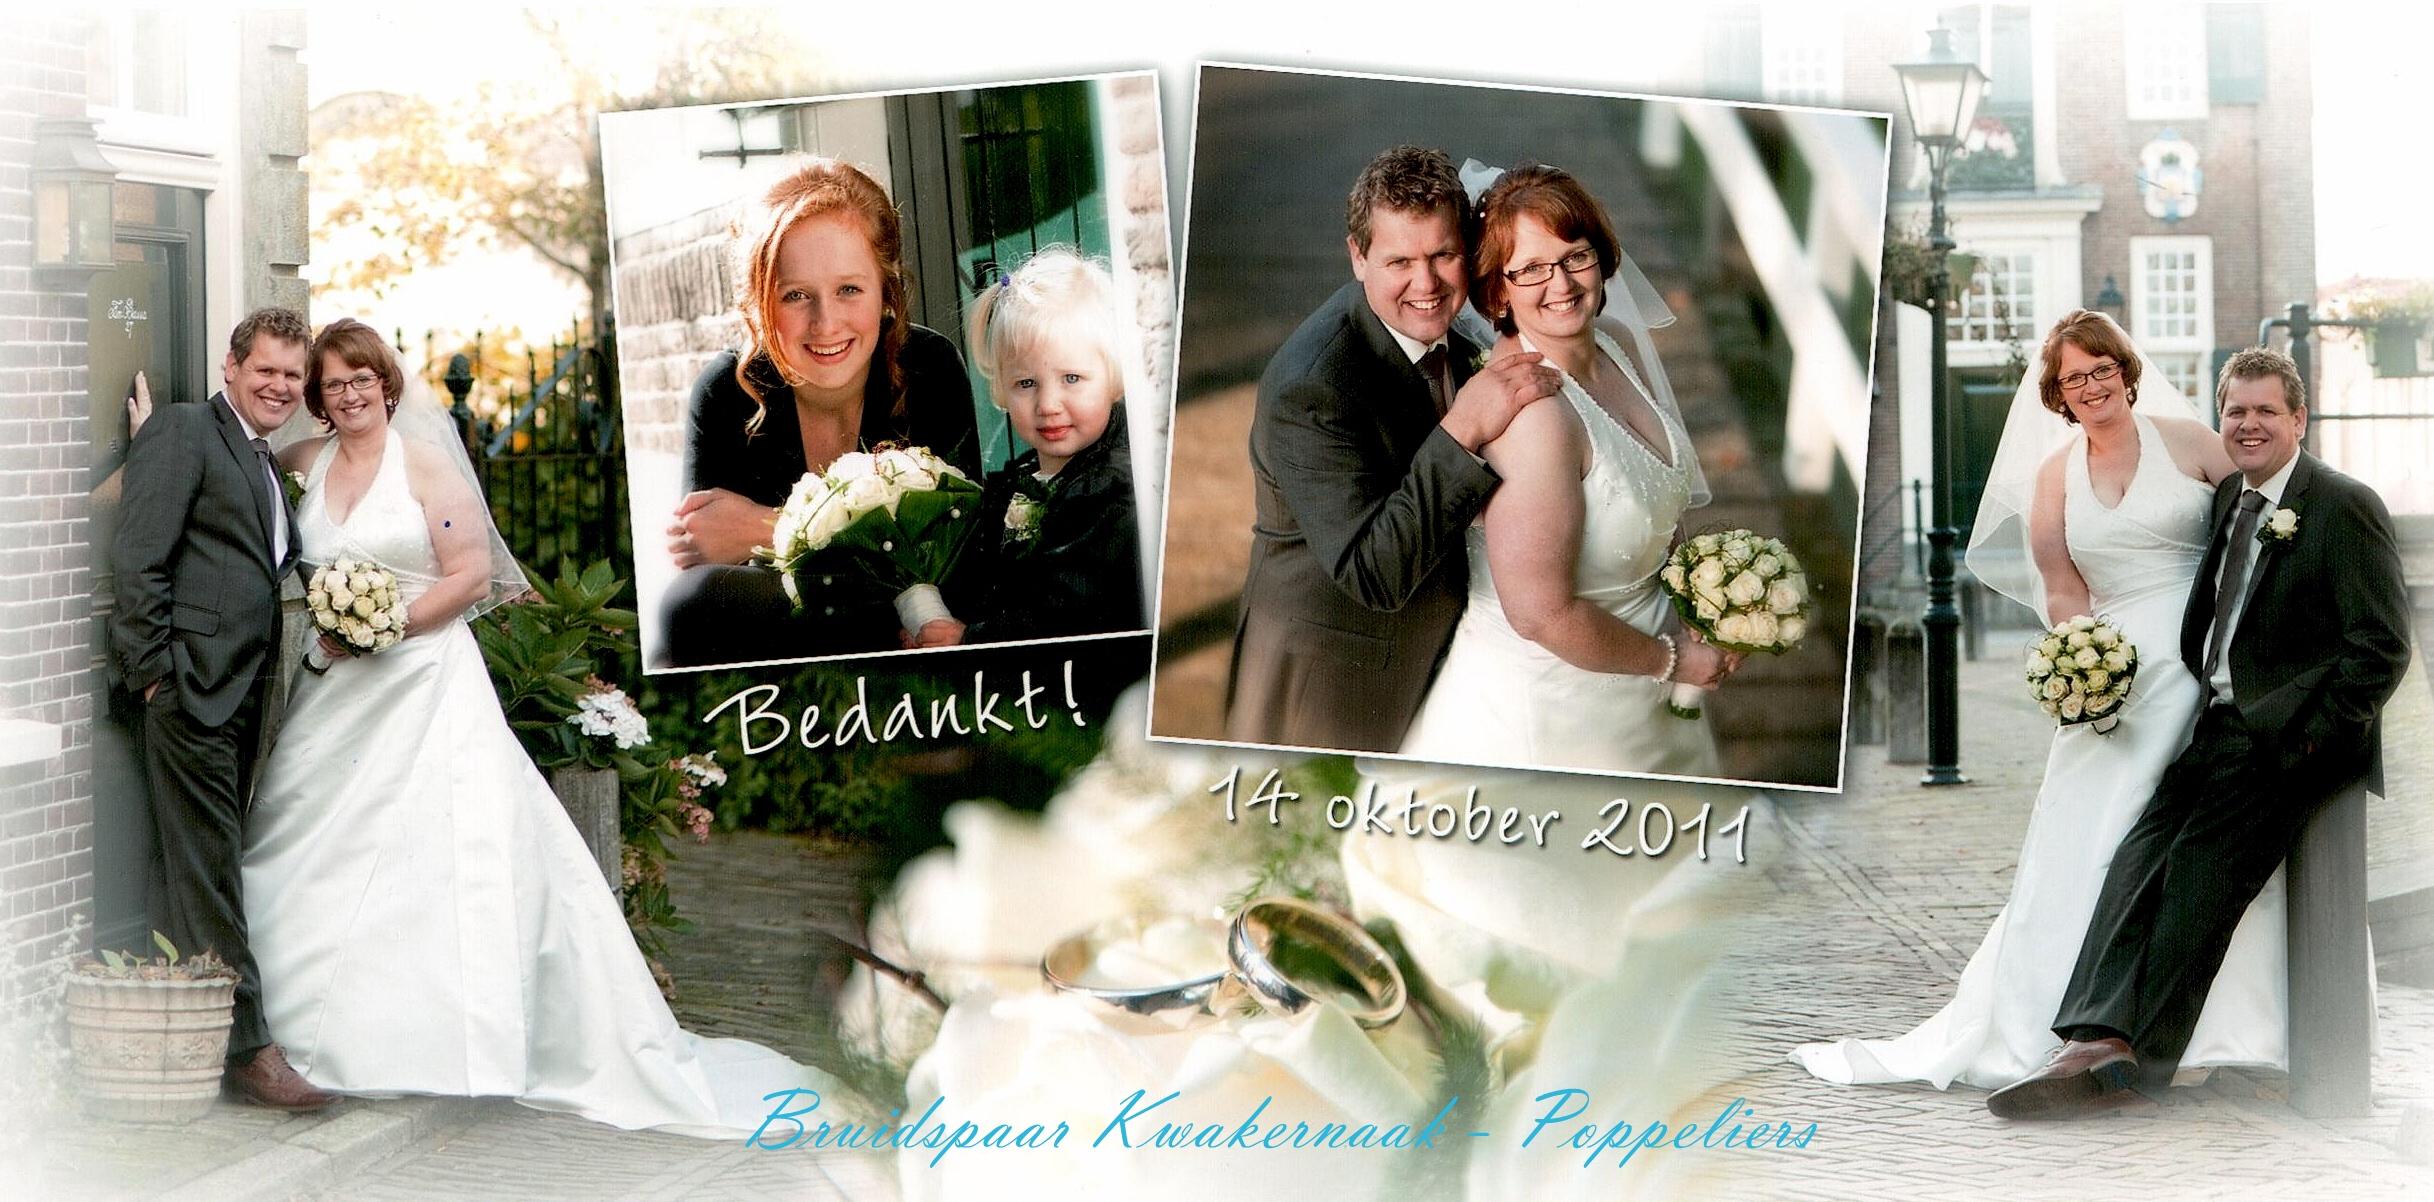 Bruidspaar Kwakernaak - Poppeliers